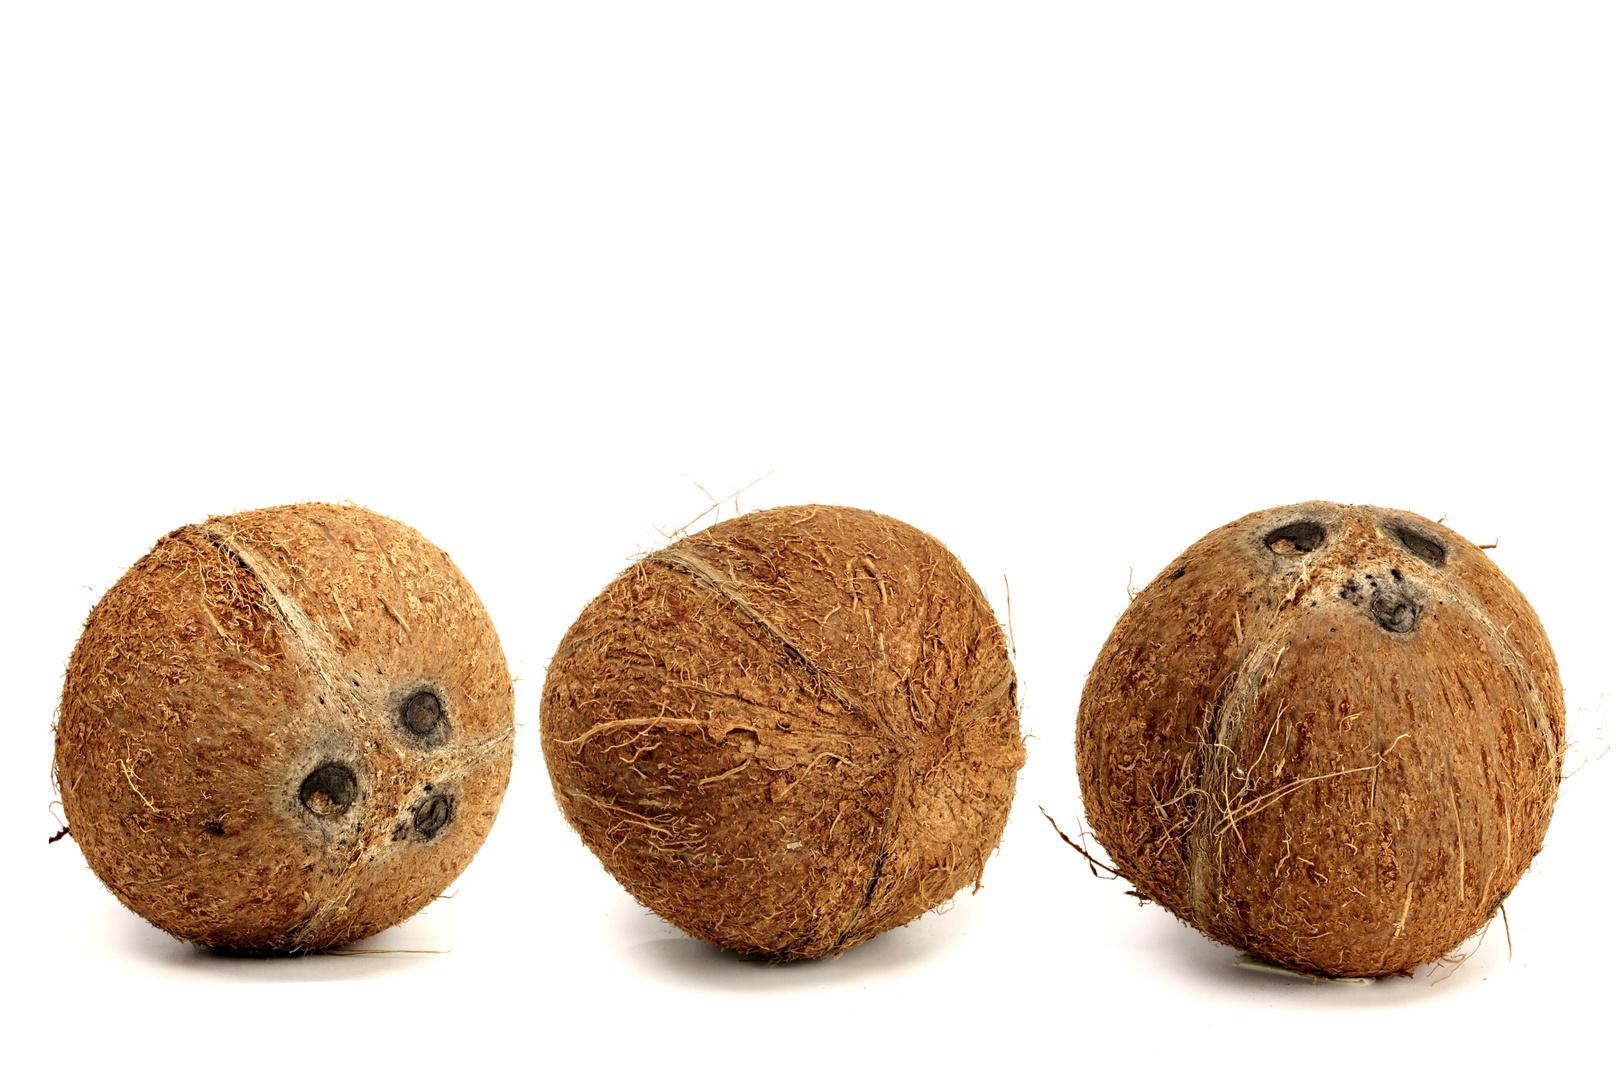 Kokosnuß c